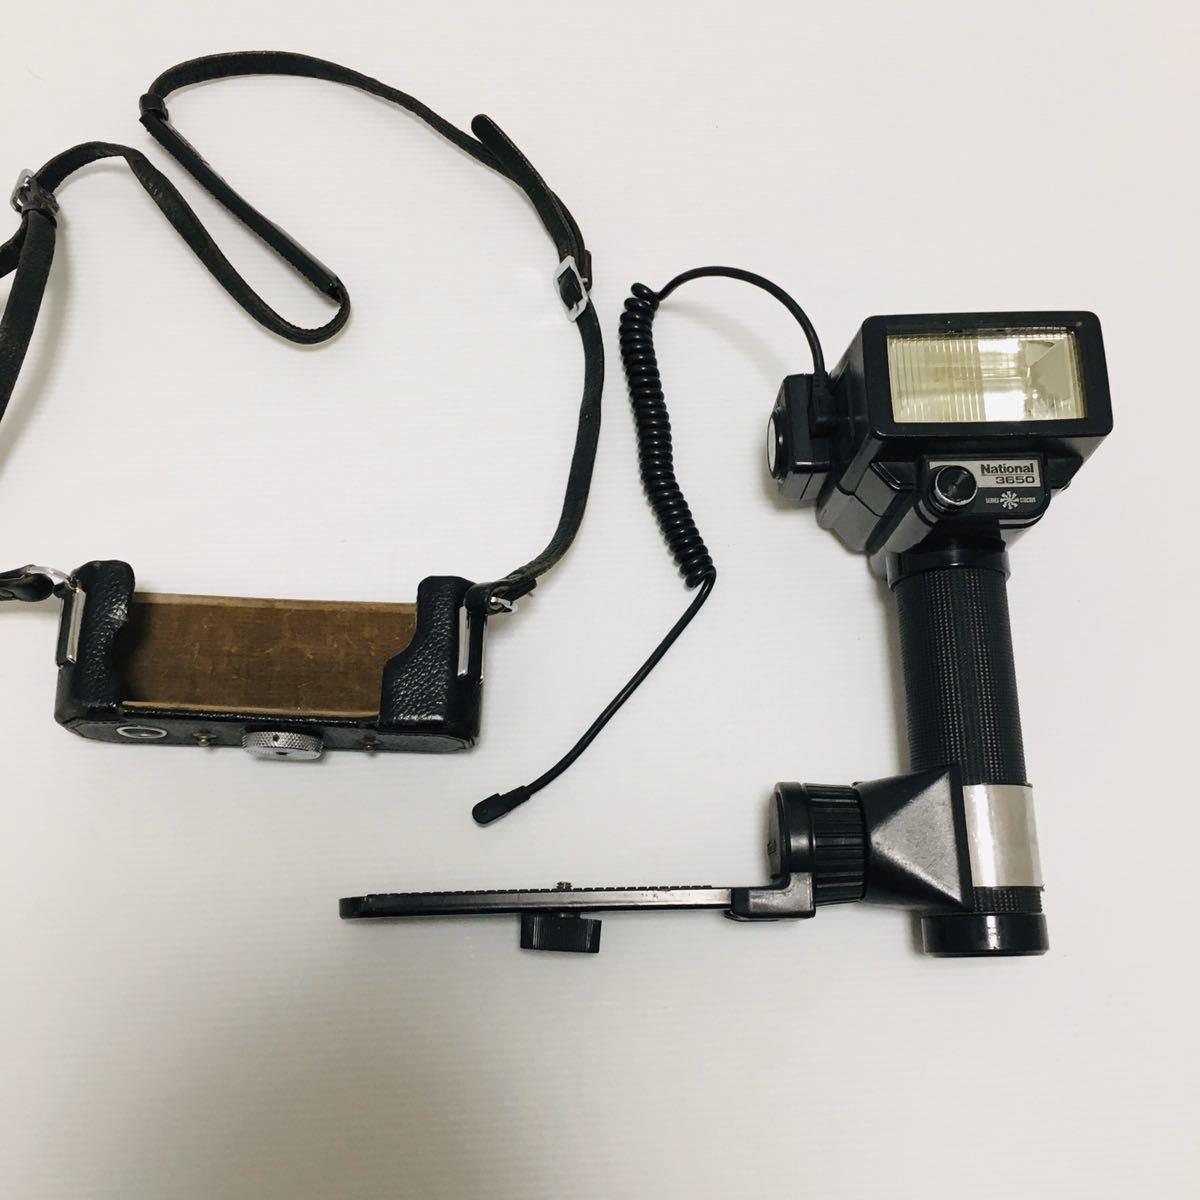 【動作未確認】Nikon F シルバー フィルムカメラ national3650 フラッシュ、レンズ付 NIKKOR-S 1:1.4 ジャンク_画像9